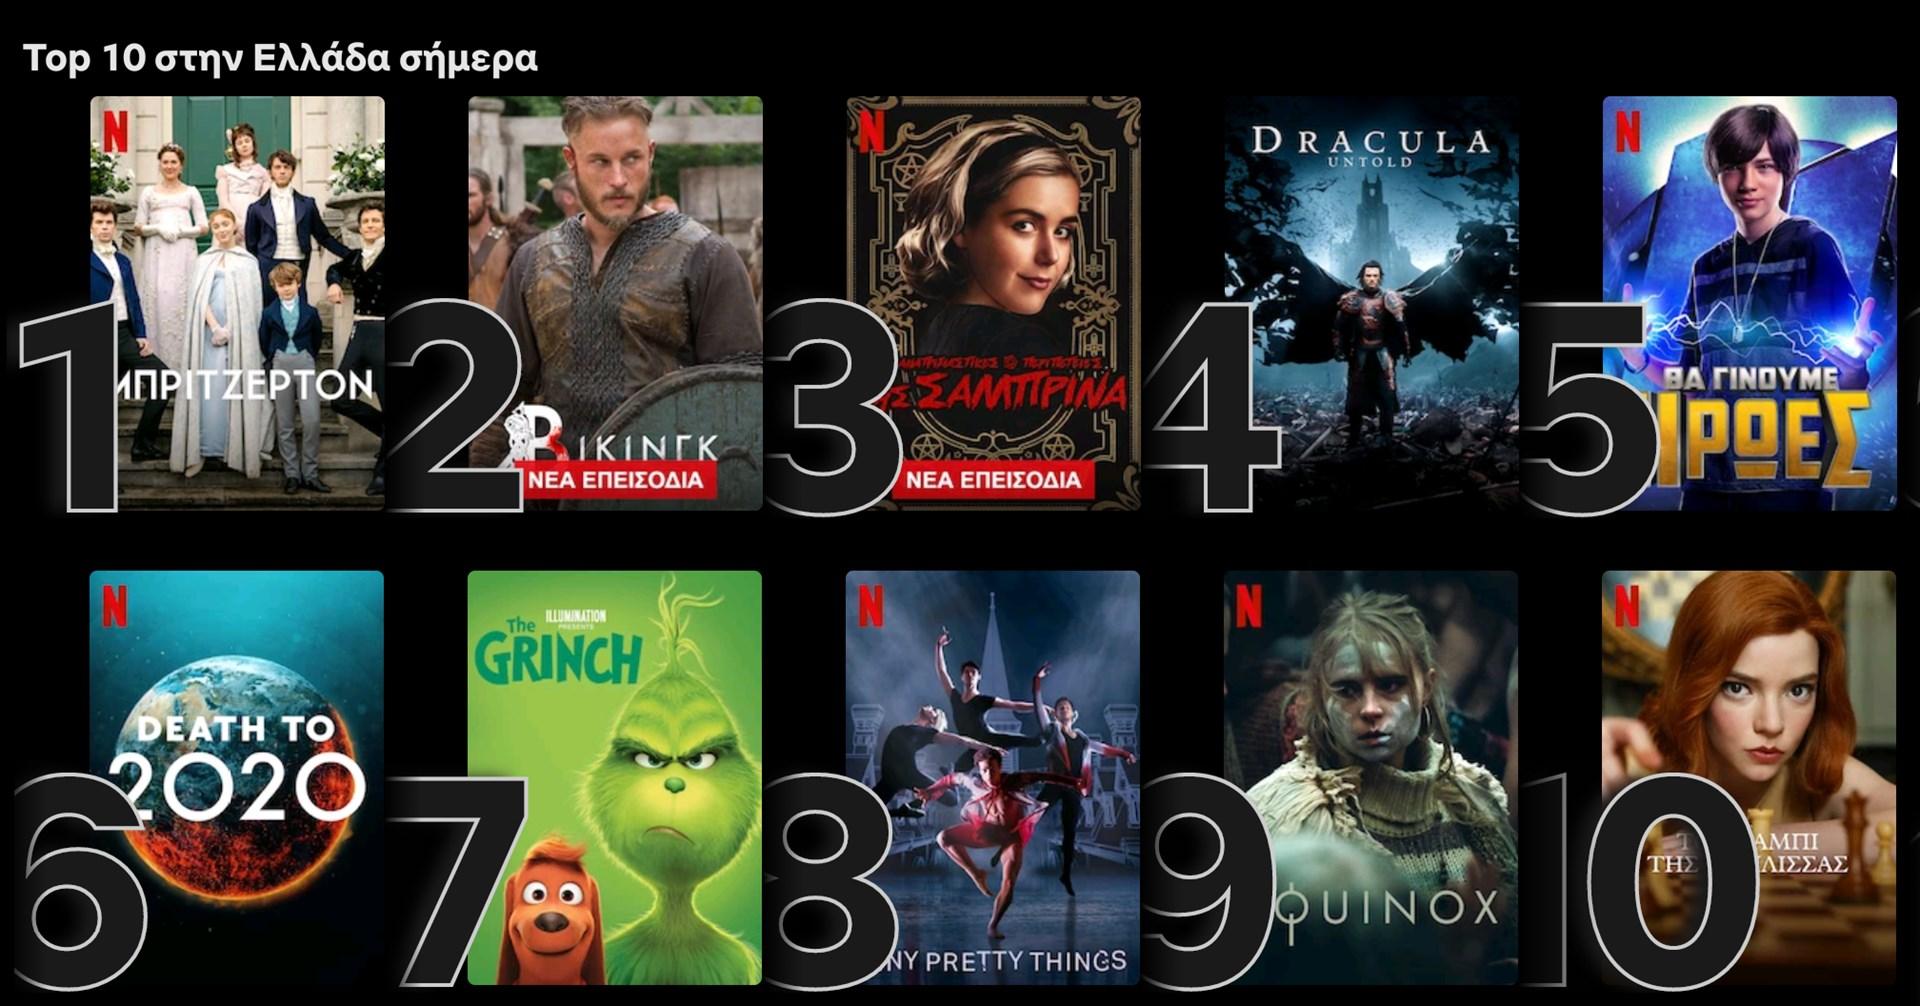 Επεκτείνεται κι άλλο το Netflix στην Ευρώπη!